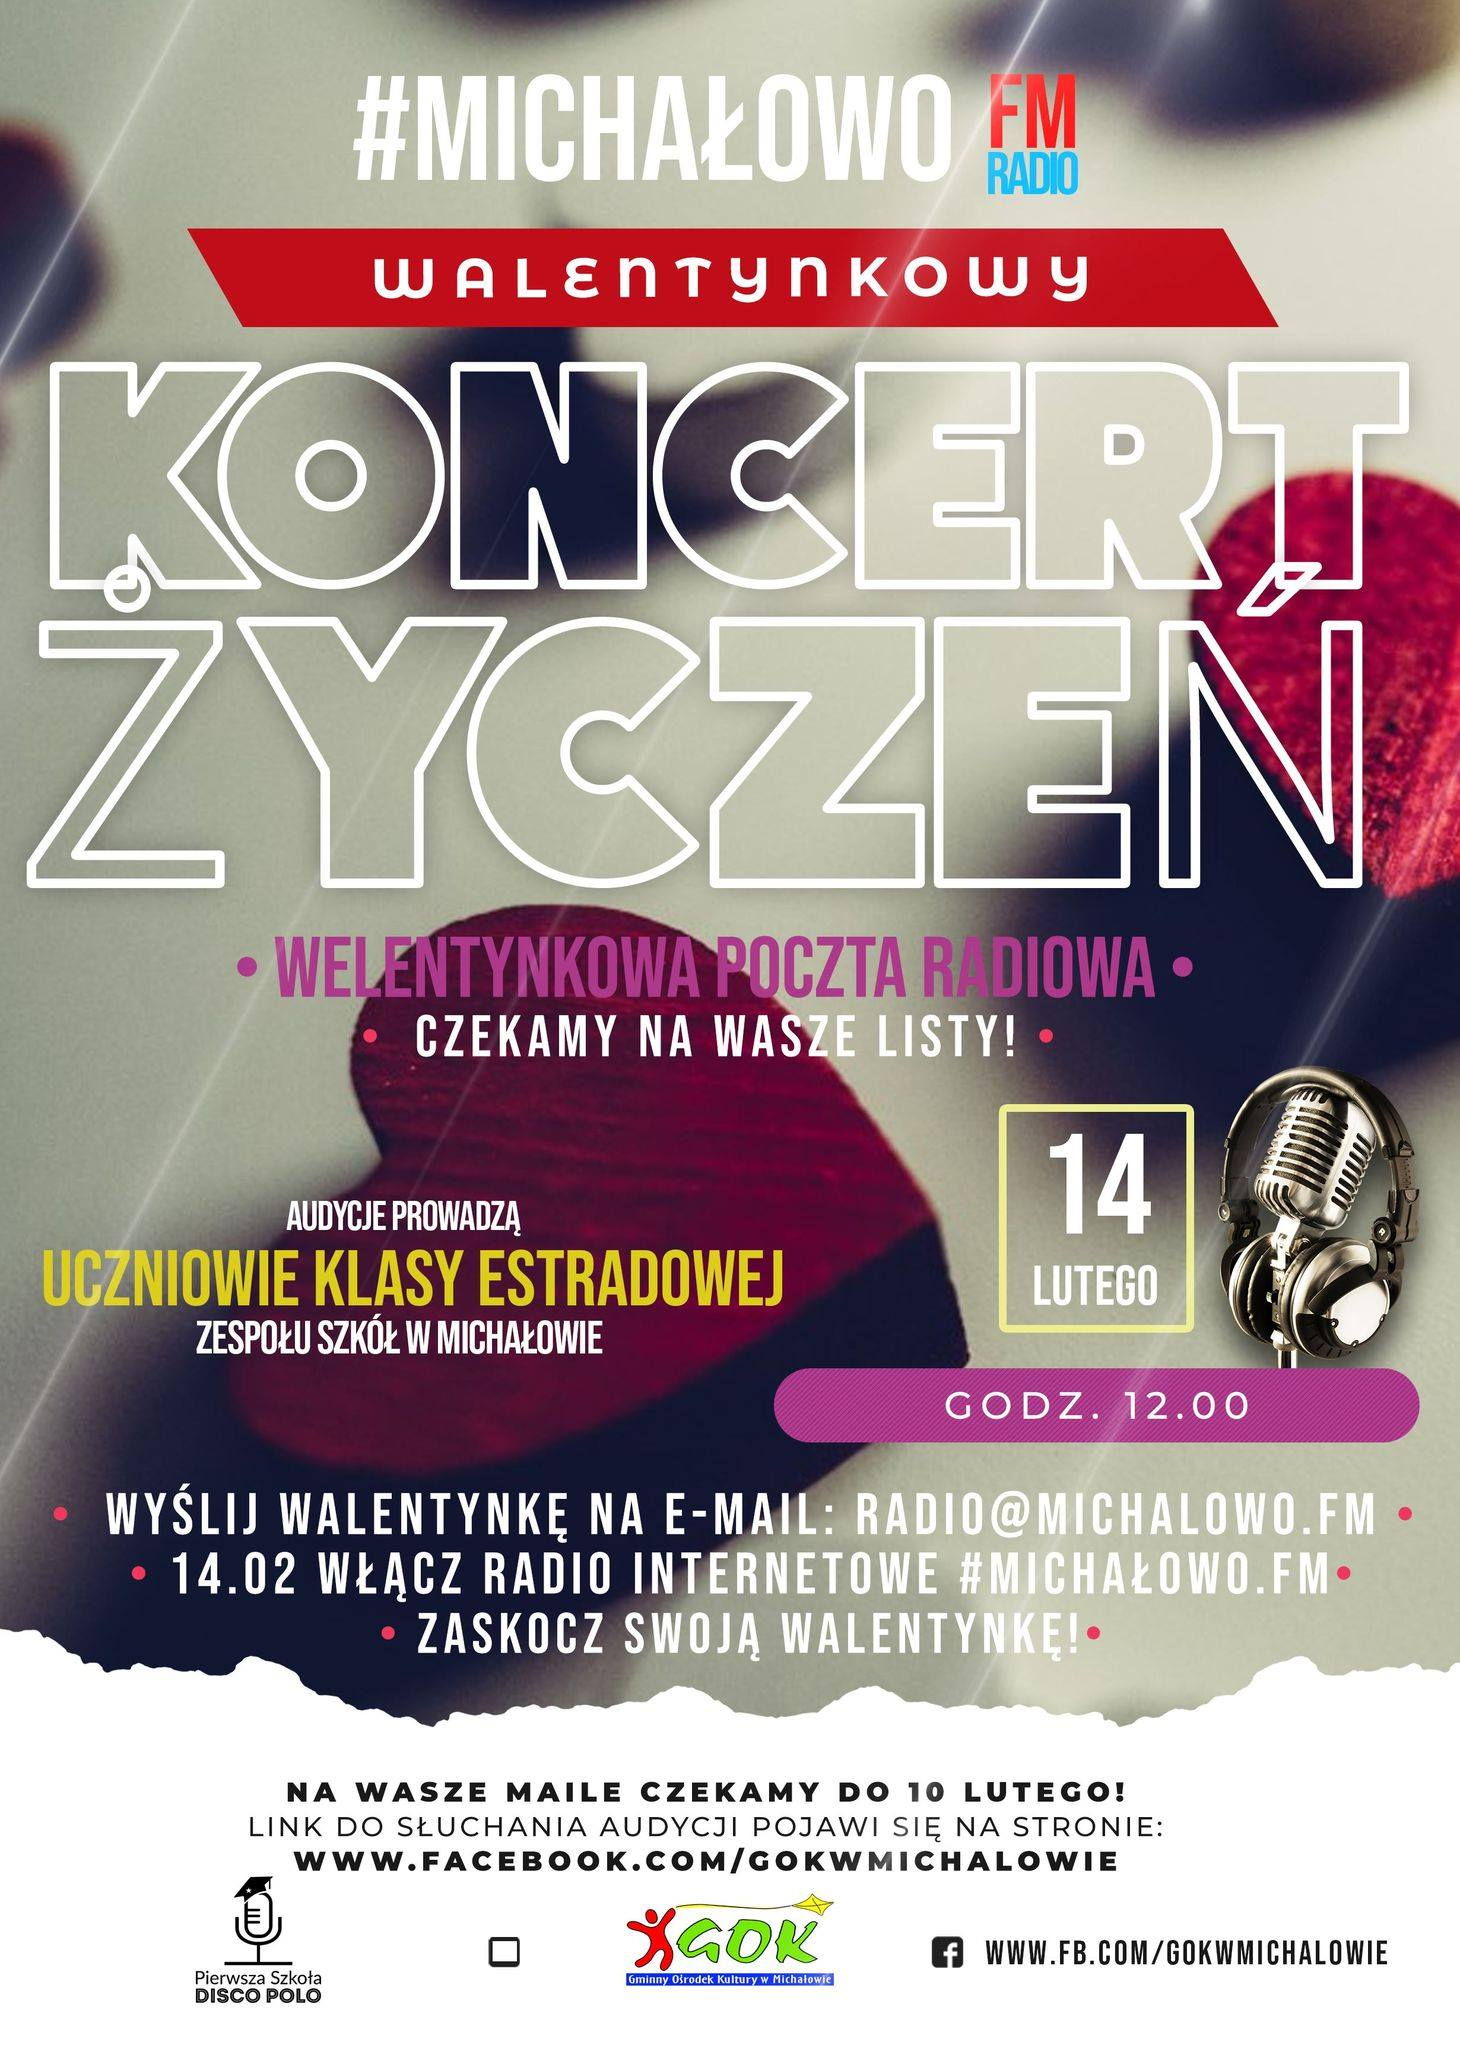 koncert zyczen walentynki 2021